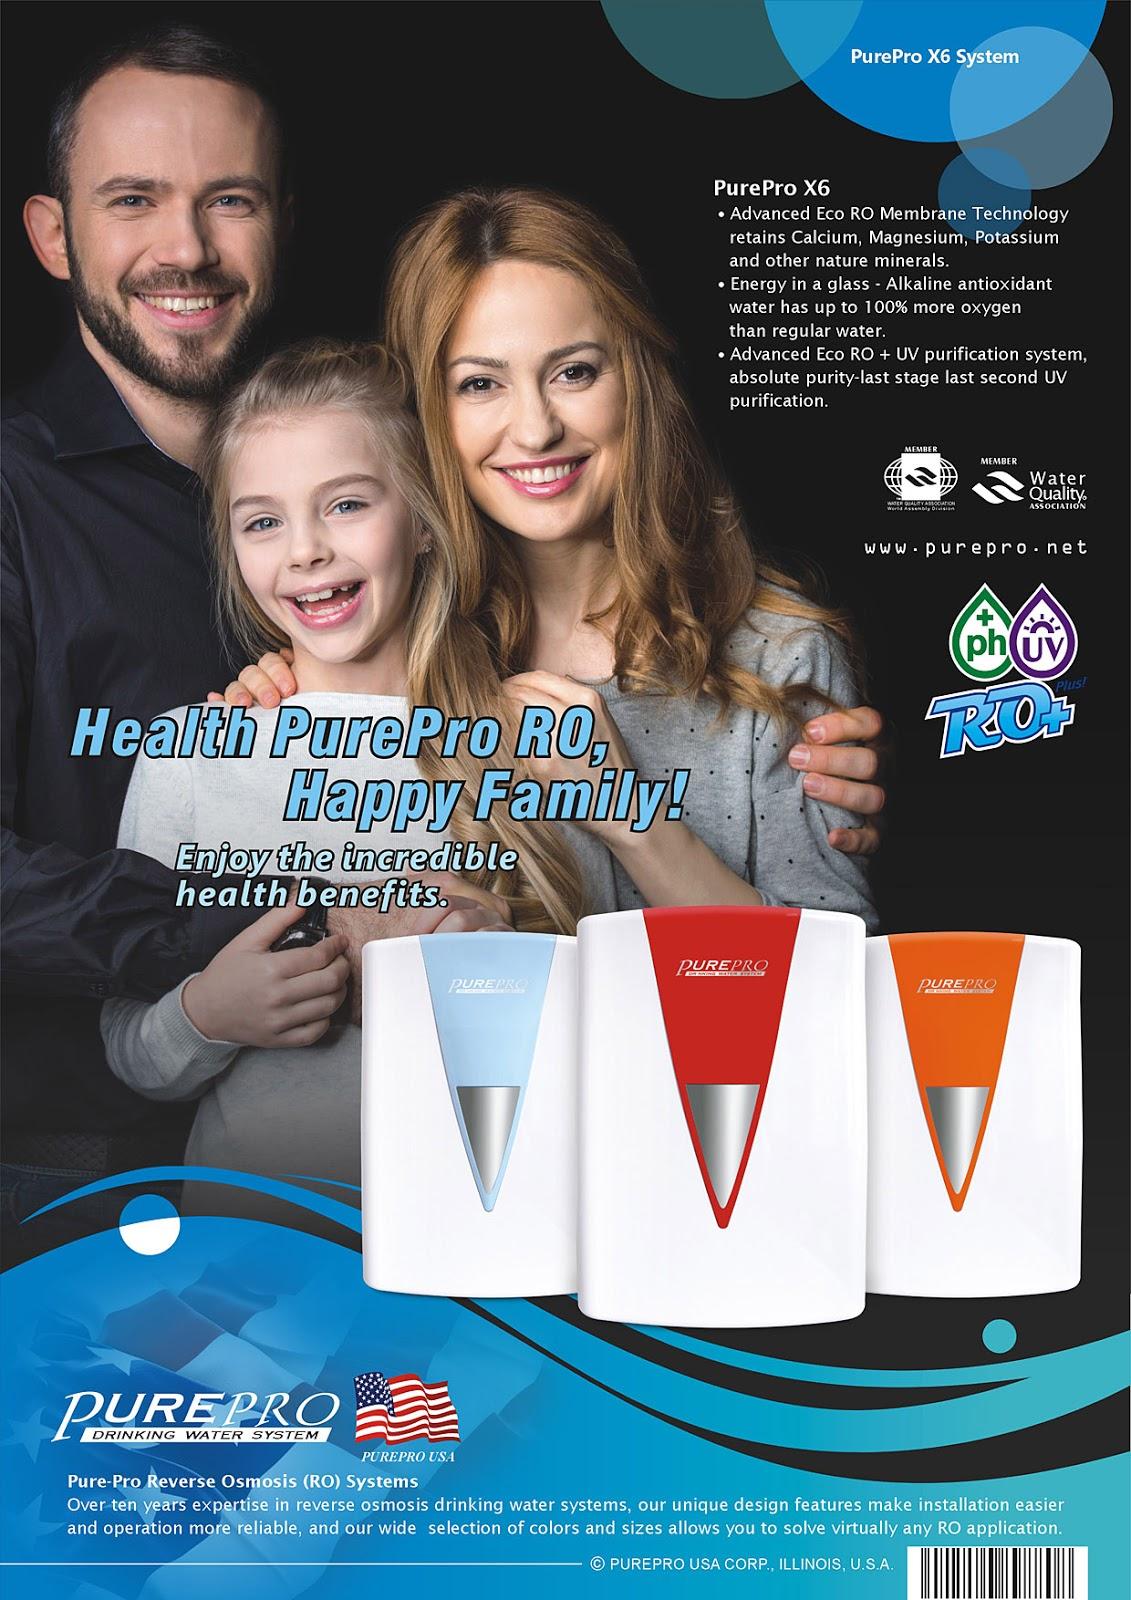 全新配備具礦物保護技術的新一代逆滲透膜:  美國PurePro® X6 紫外線鹼性RO活水機